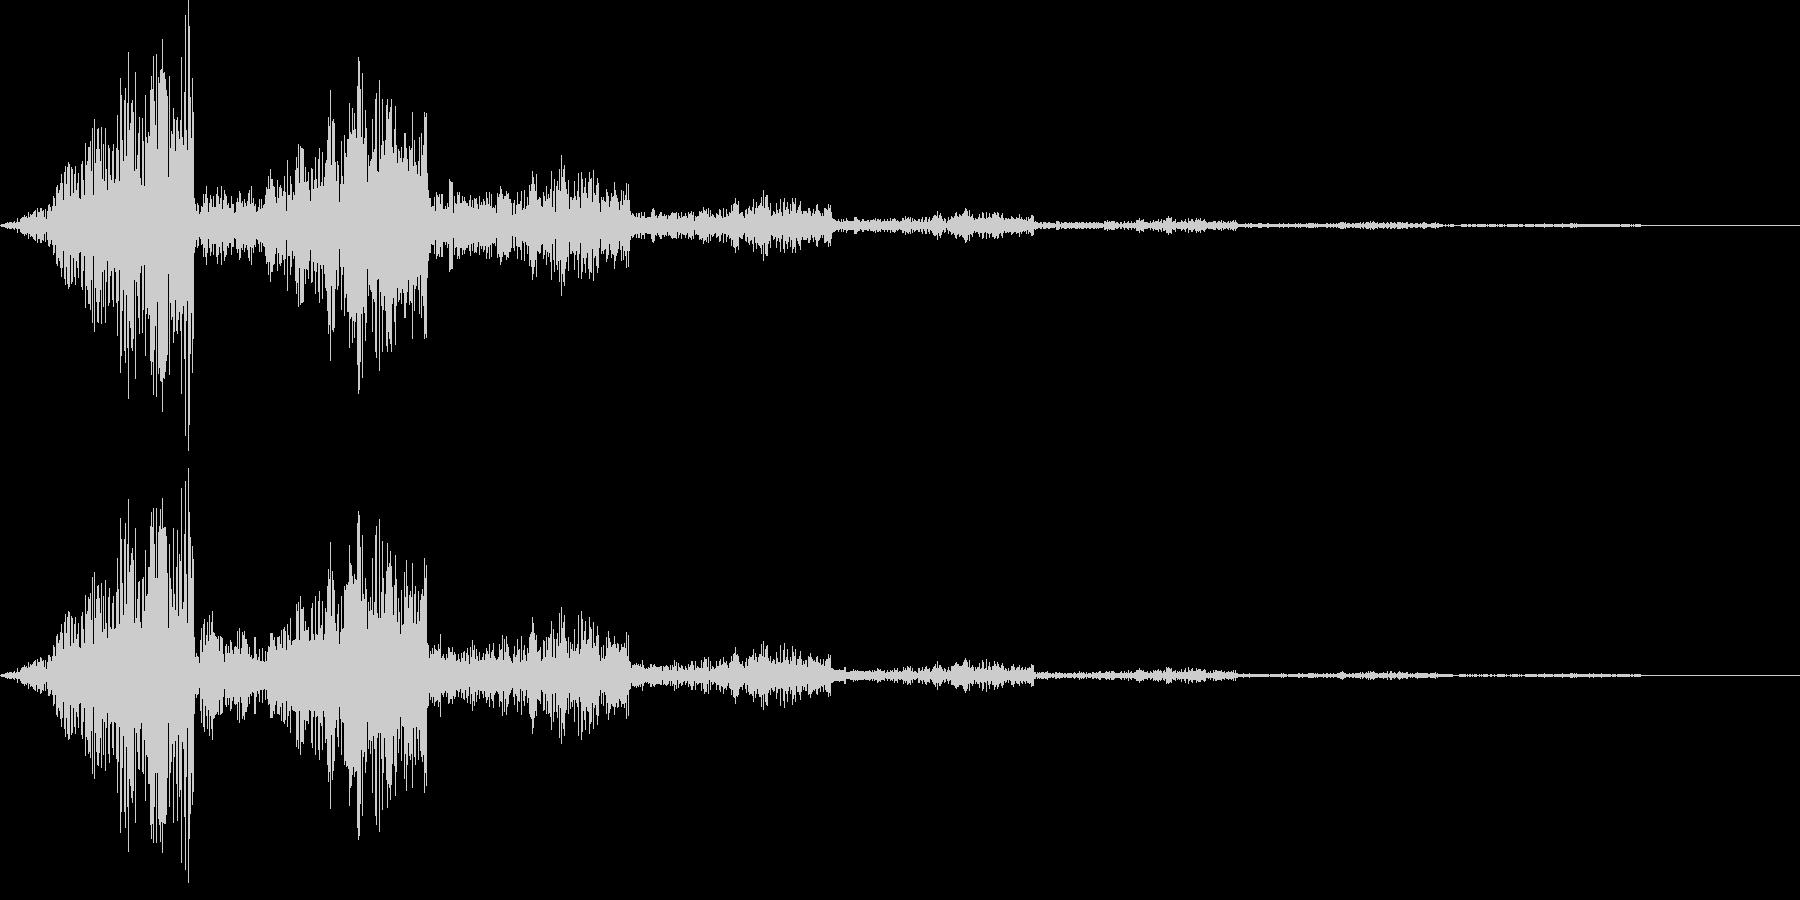 不気味な通過音の未再生の波形